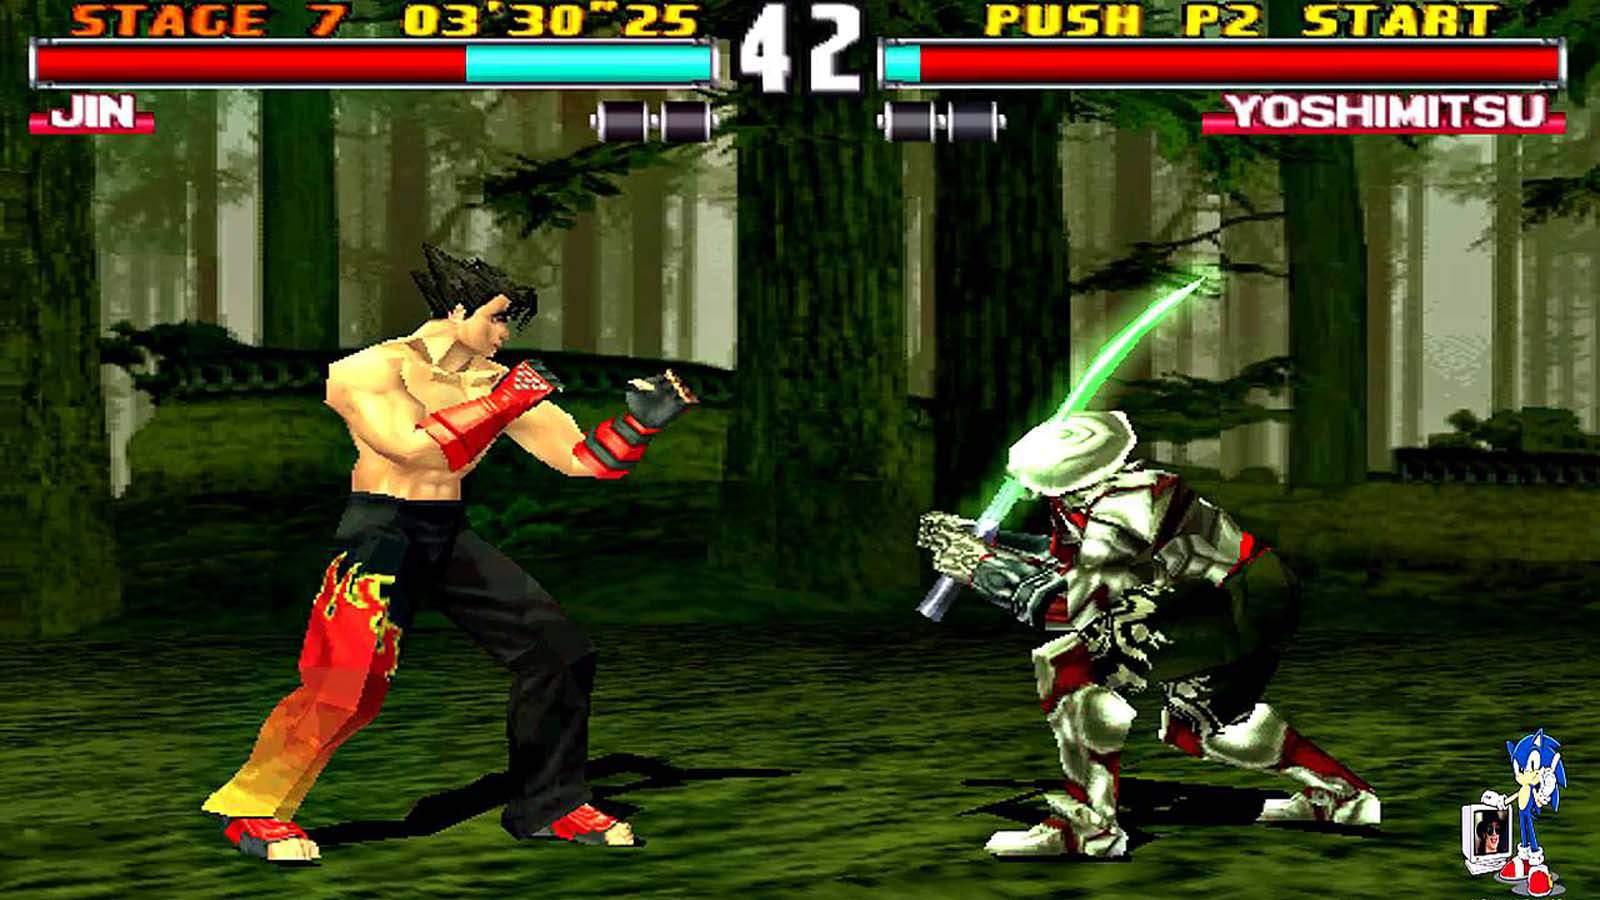 تحميل لعبة Tekken 3 مضغوطة برابط واحد مباشر كاملة مجانا